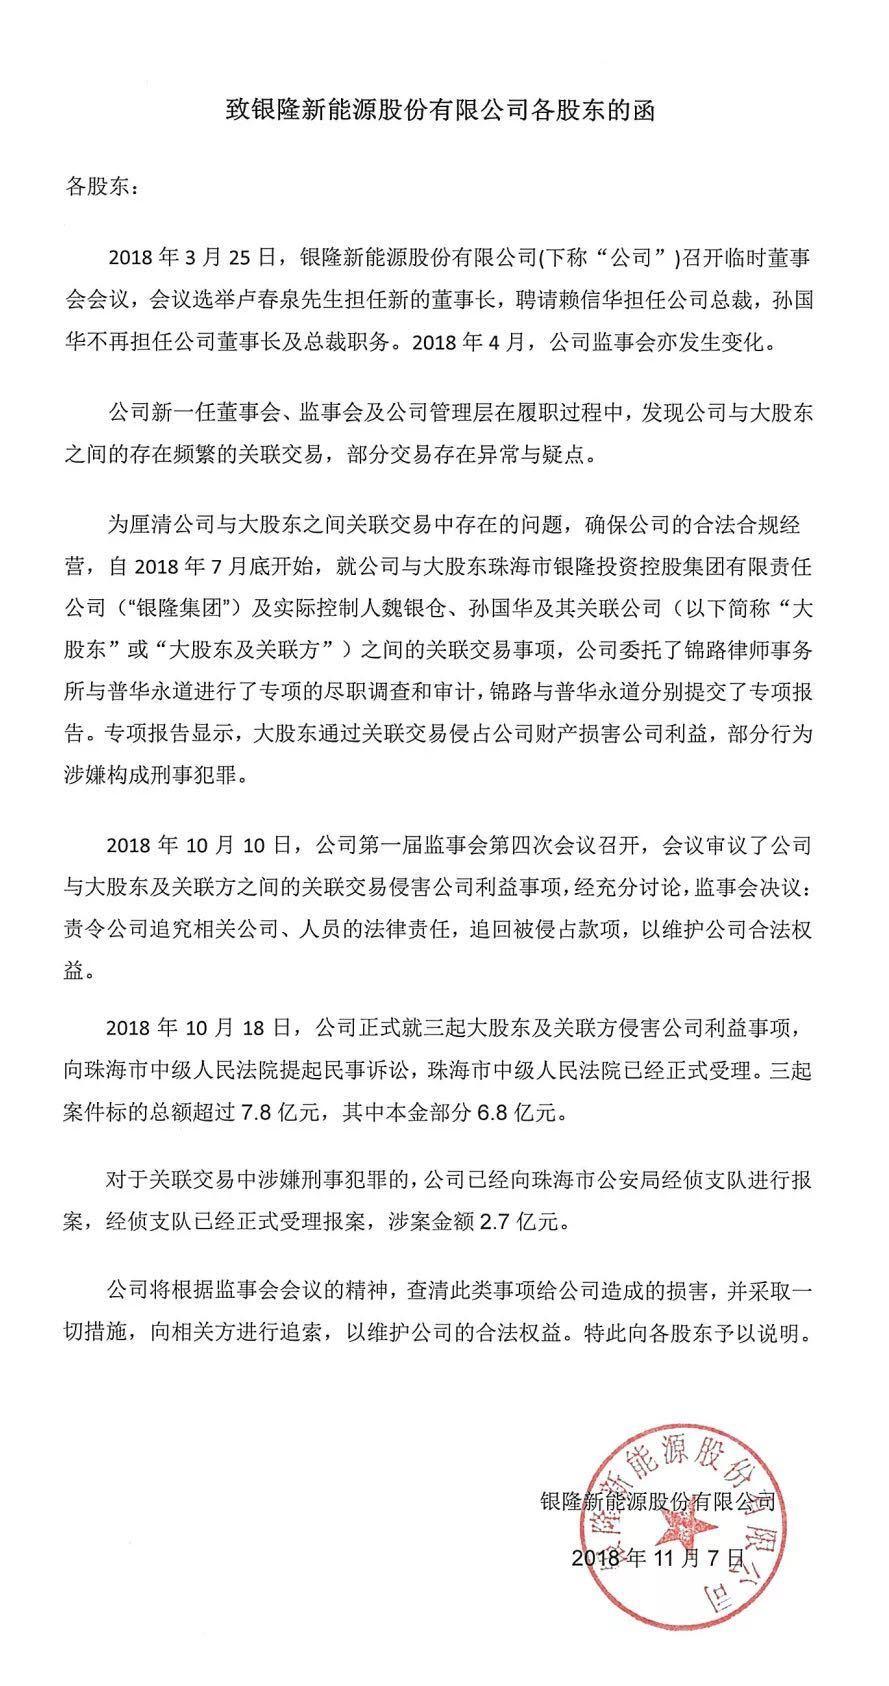 珠海银隆魏银仓等人或涉非法侵占10亿,已报案